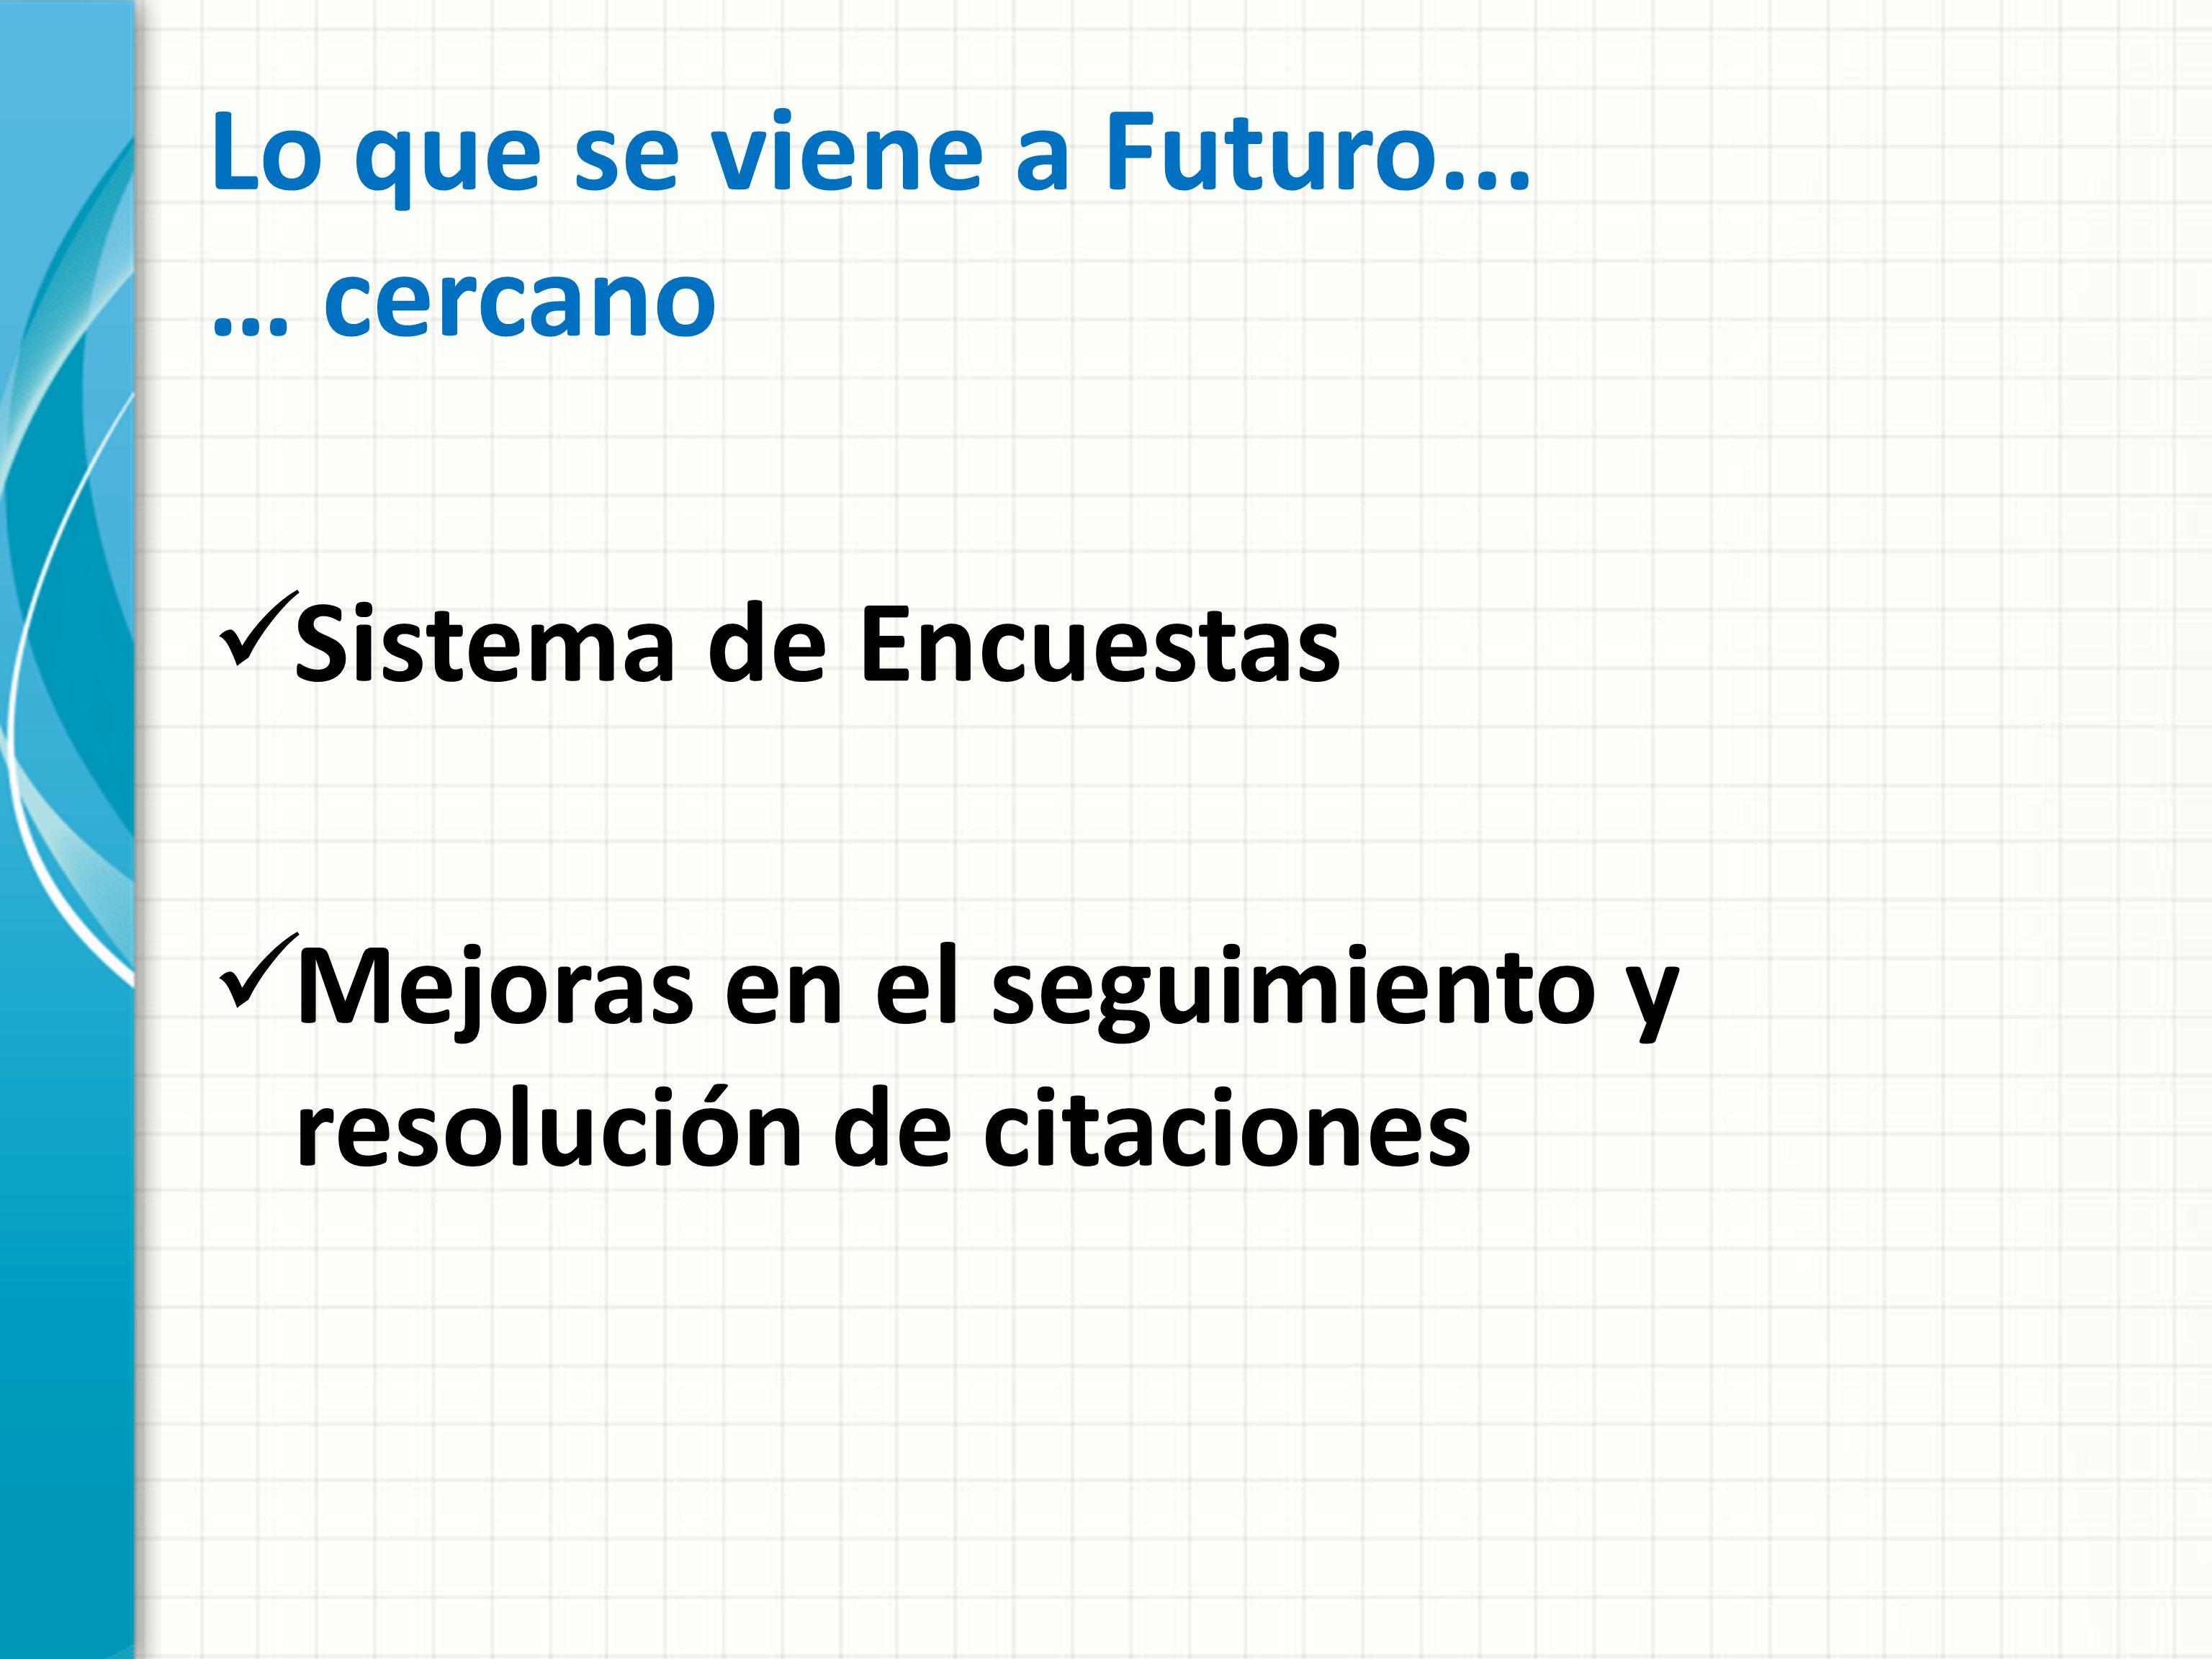 Lo que se viene a Futuro...